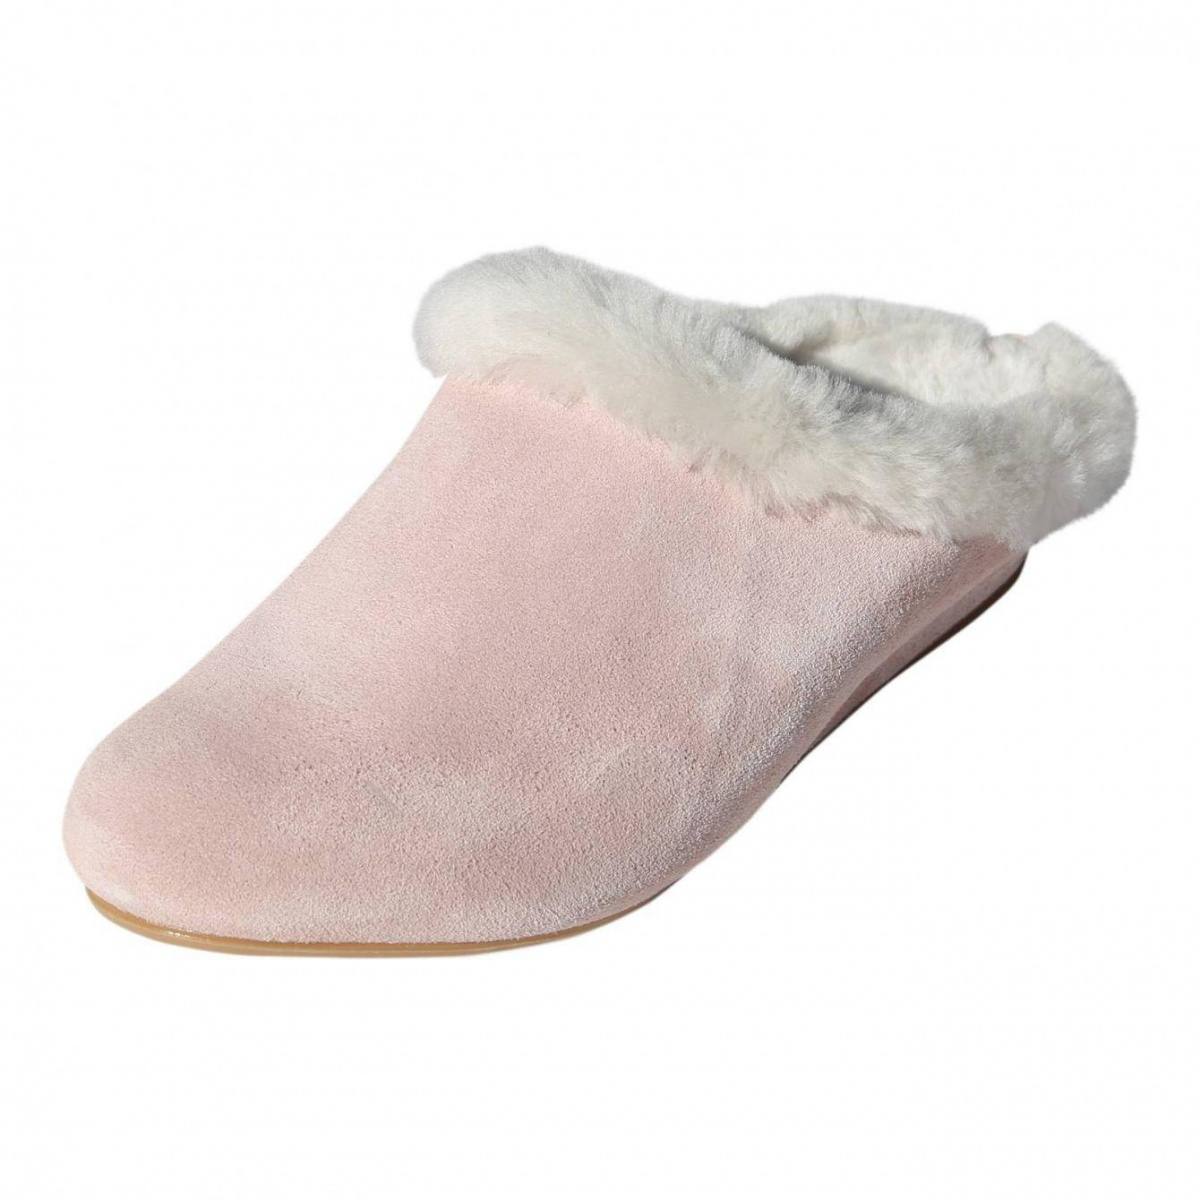 lammfell hausschuhe biekamp rosa damen pantoffeln. Black Bedroom Furniture Sets. Home Design Ideas